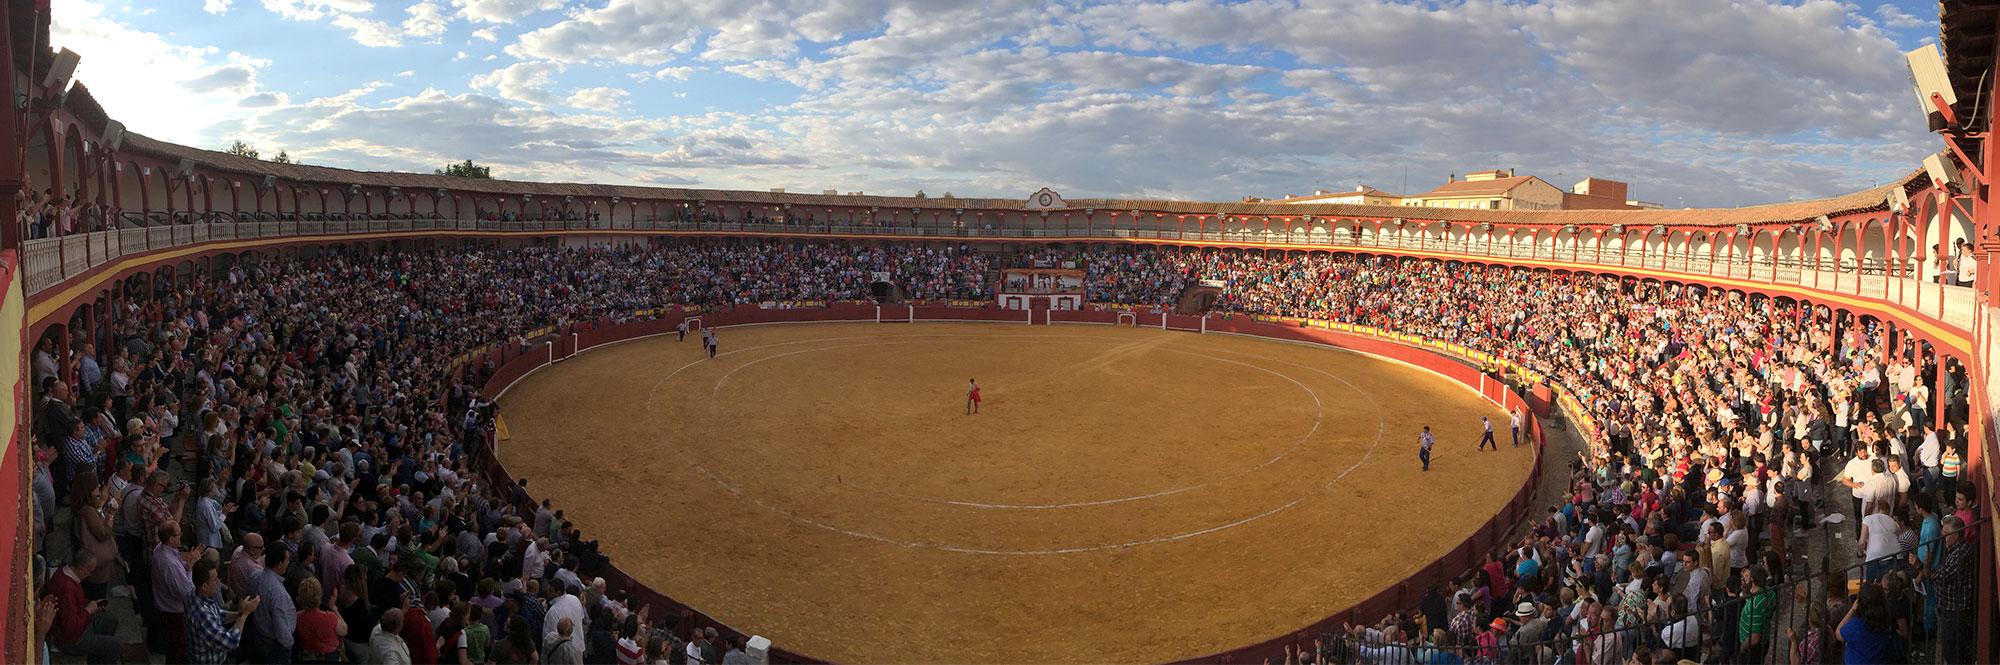 Maxitoro. Plaza de Toros de Ciudad Real panorámica